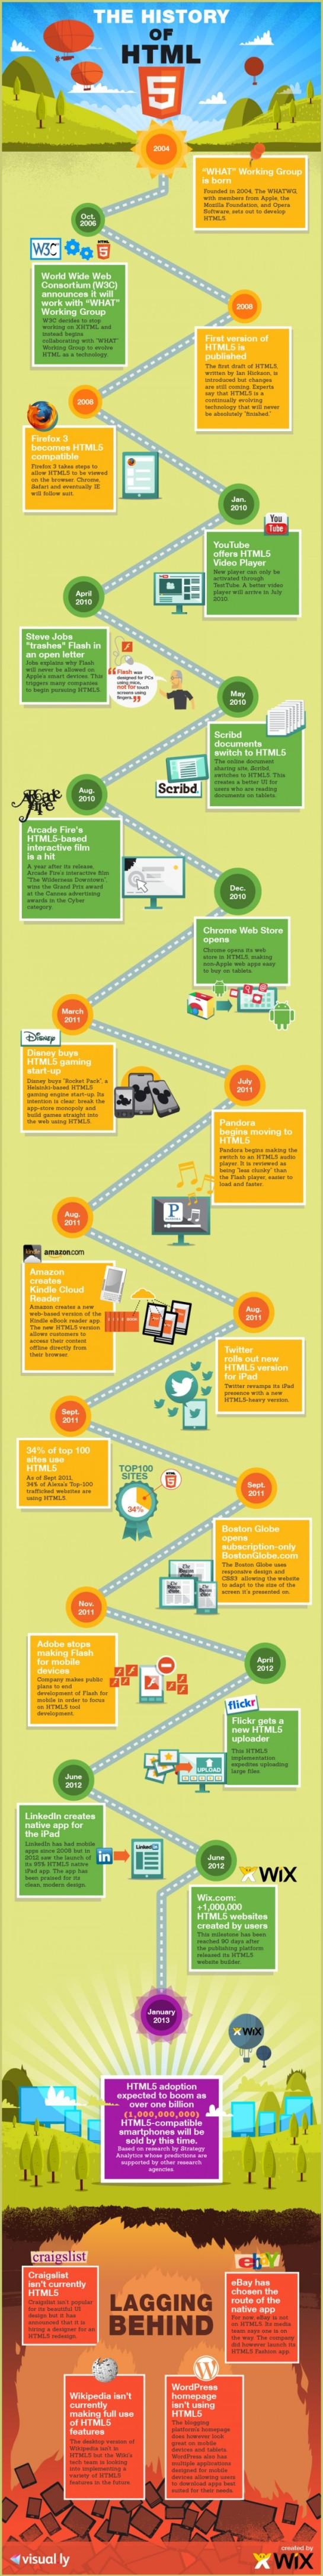 L'Histoire du HTML5 - AUTOVEILLE